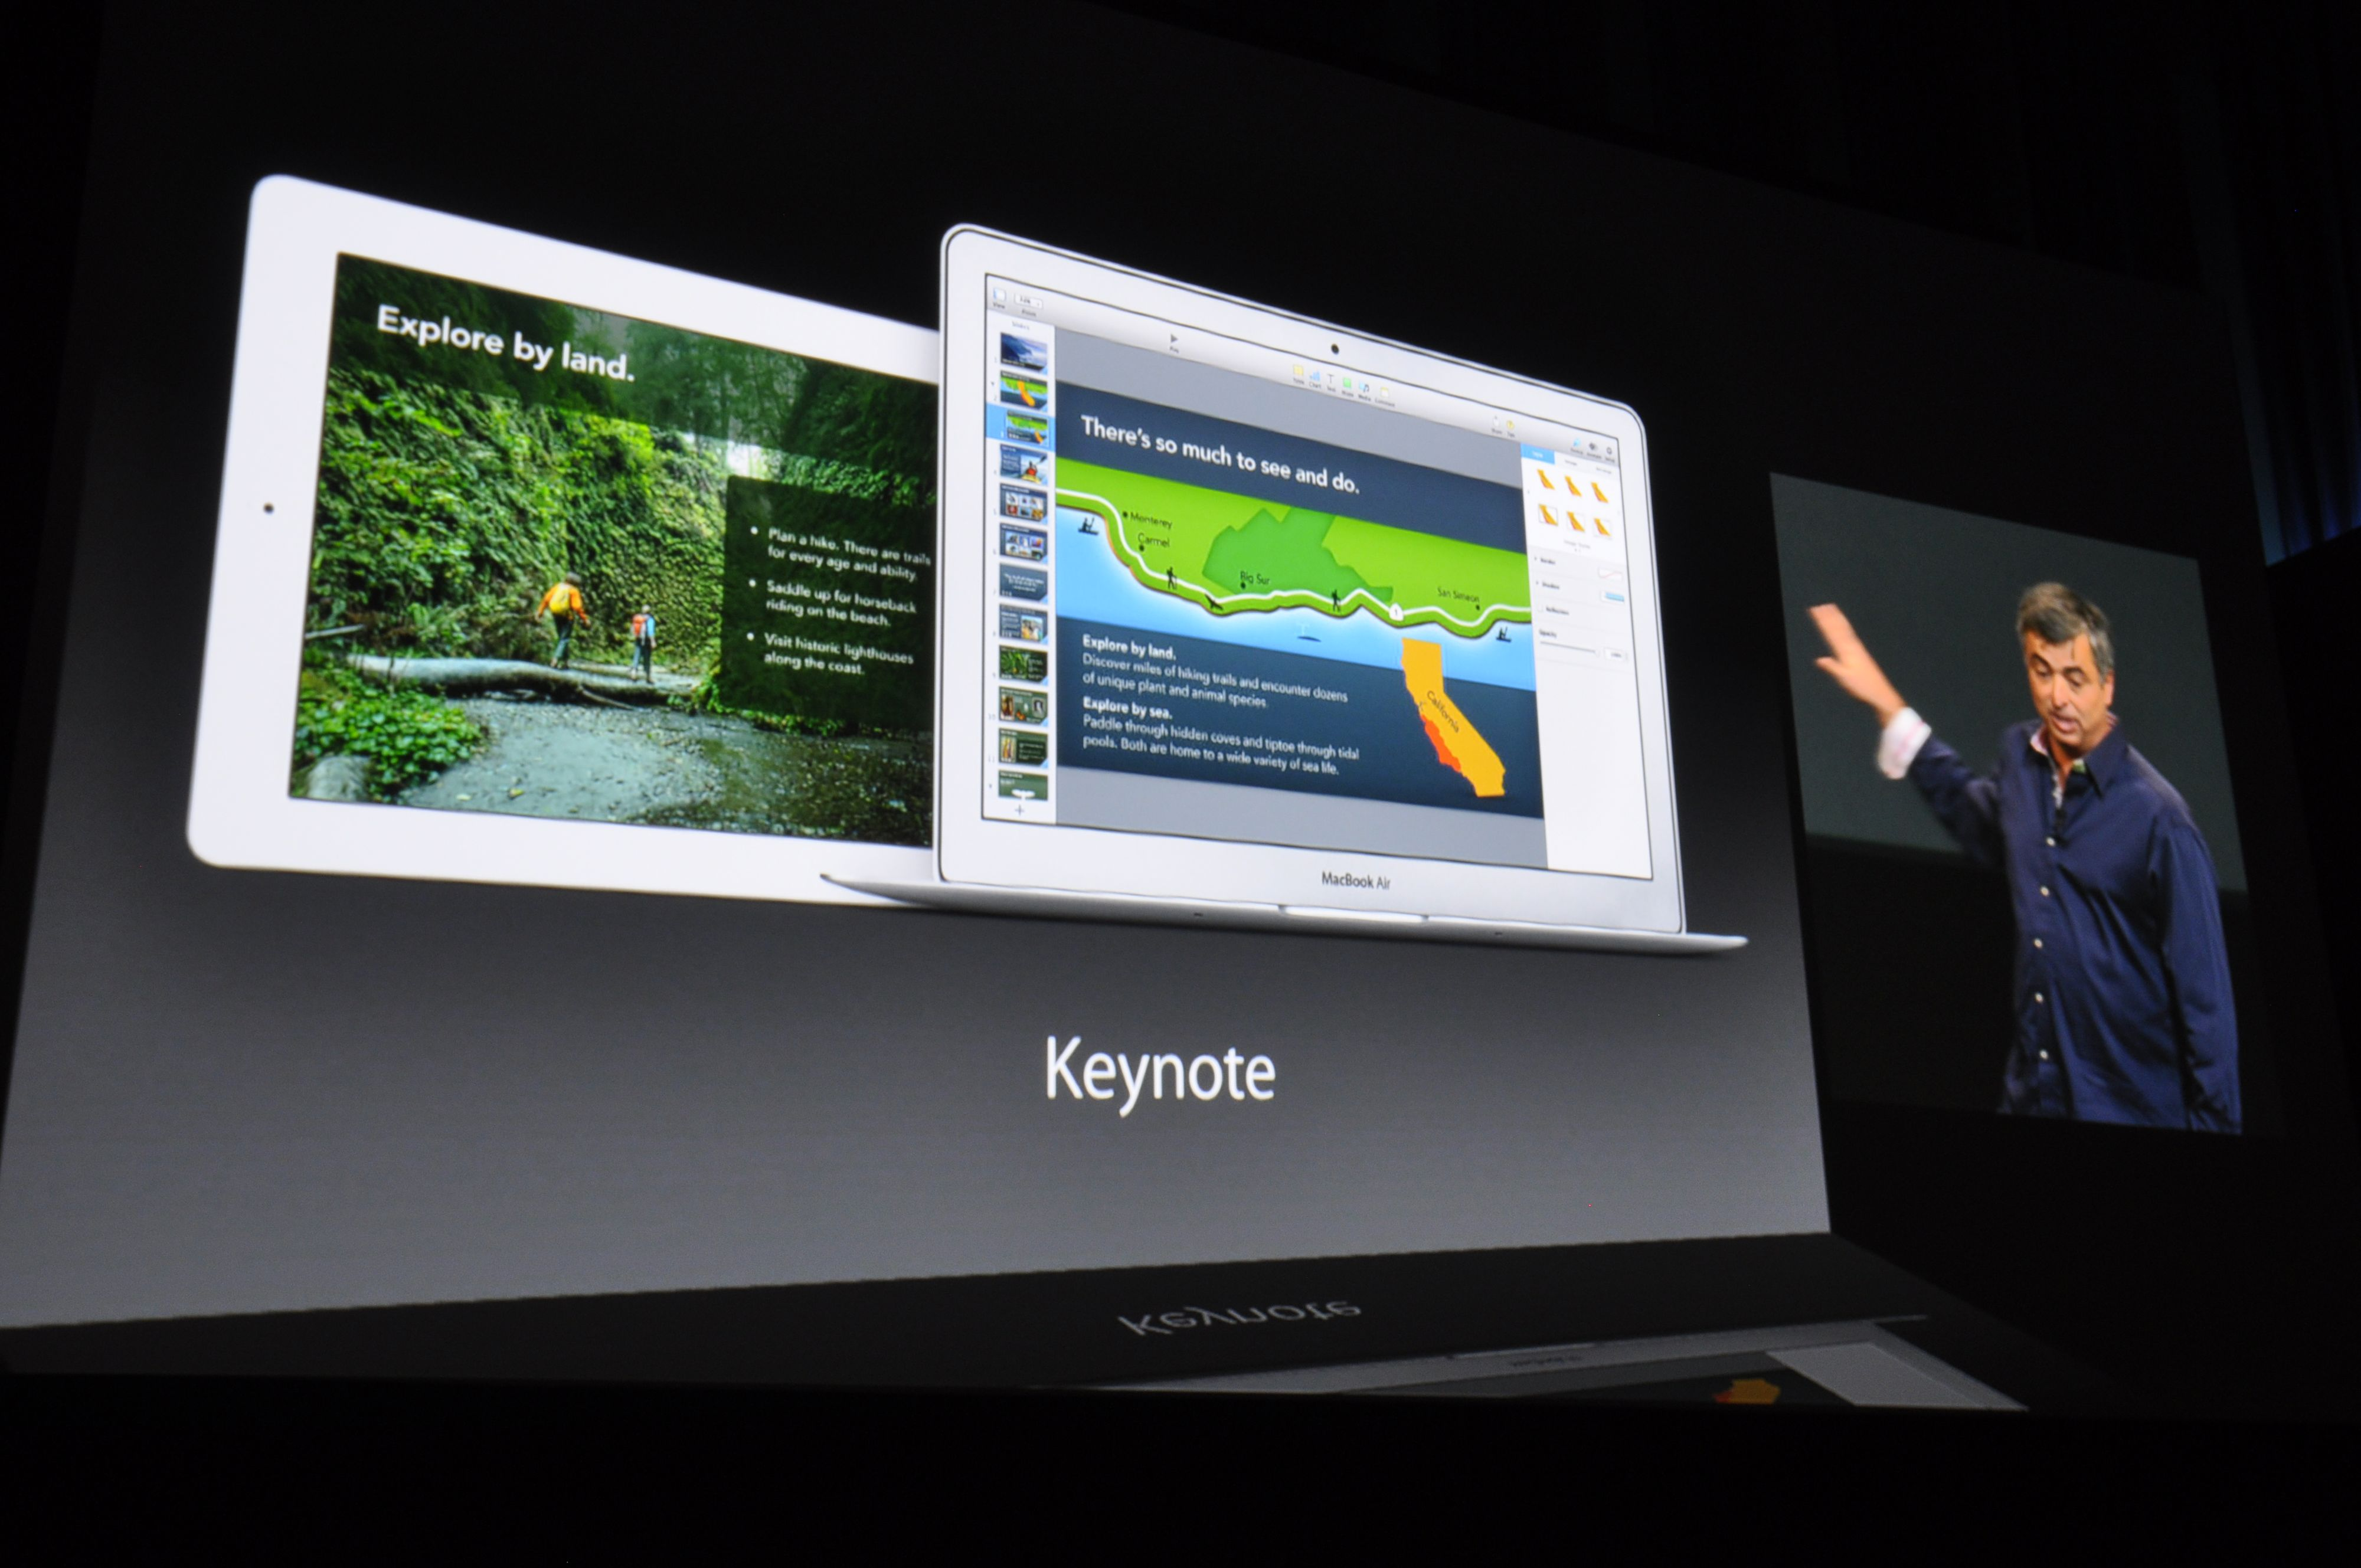 Presentasjonsprogramvaren Keynote har fått mange nye funksjoner og overganger. . Foto: Finn Jarle Kvalheim, Amobil.no